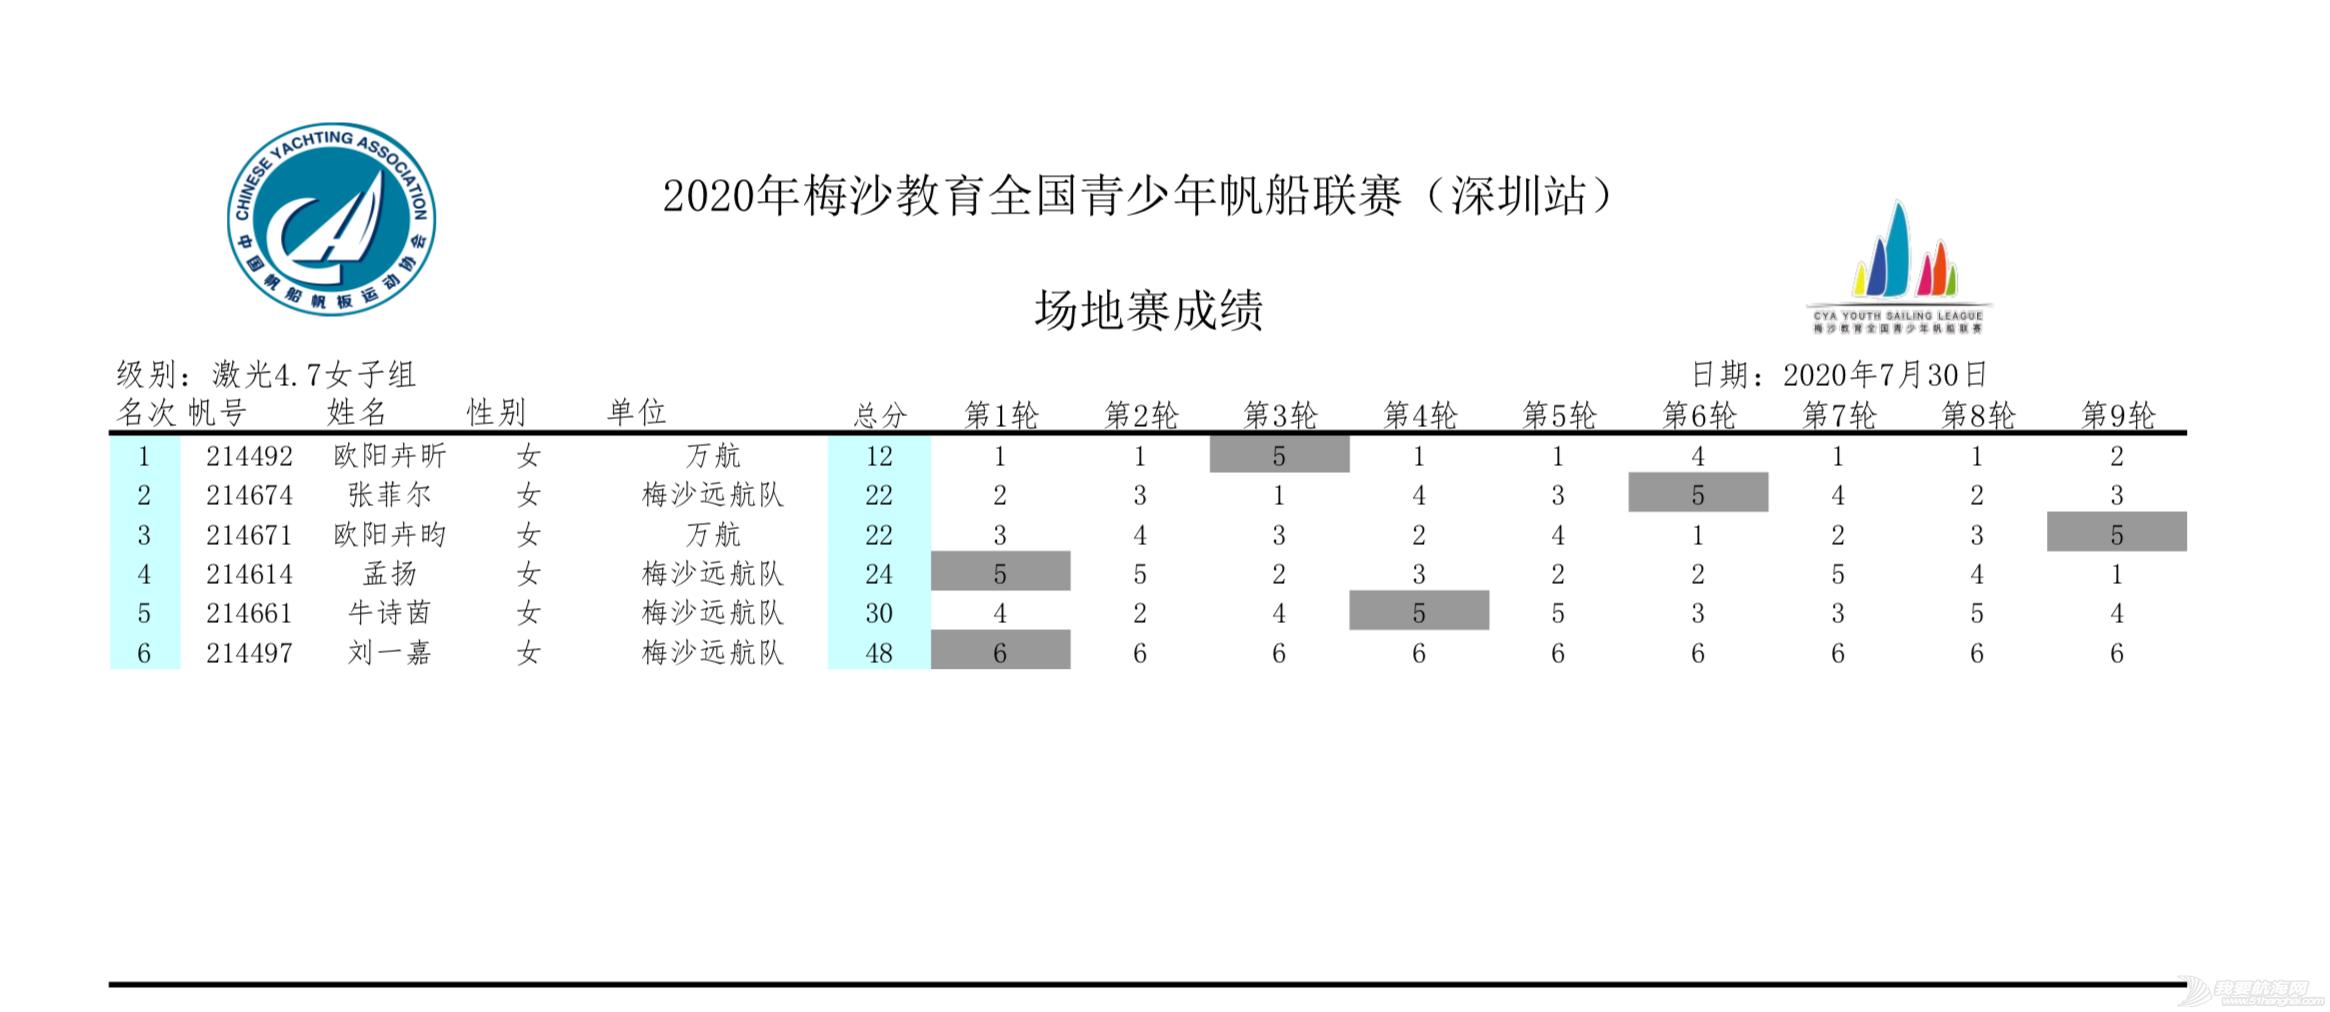 2020梅沙教育全国青少年帆船联赛深圳站回眸 | 影像专栏w33.jpg